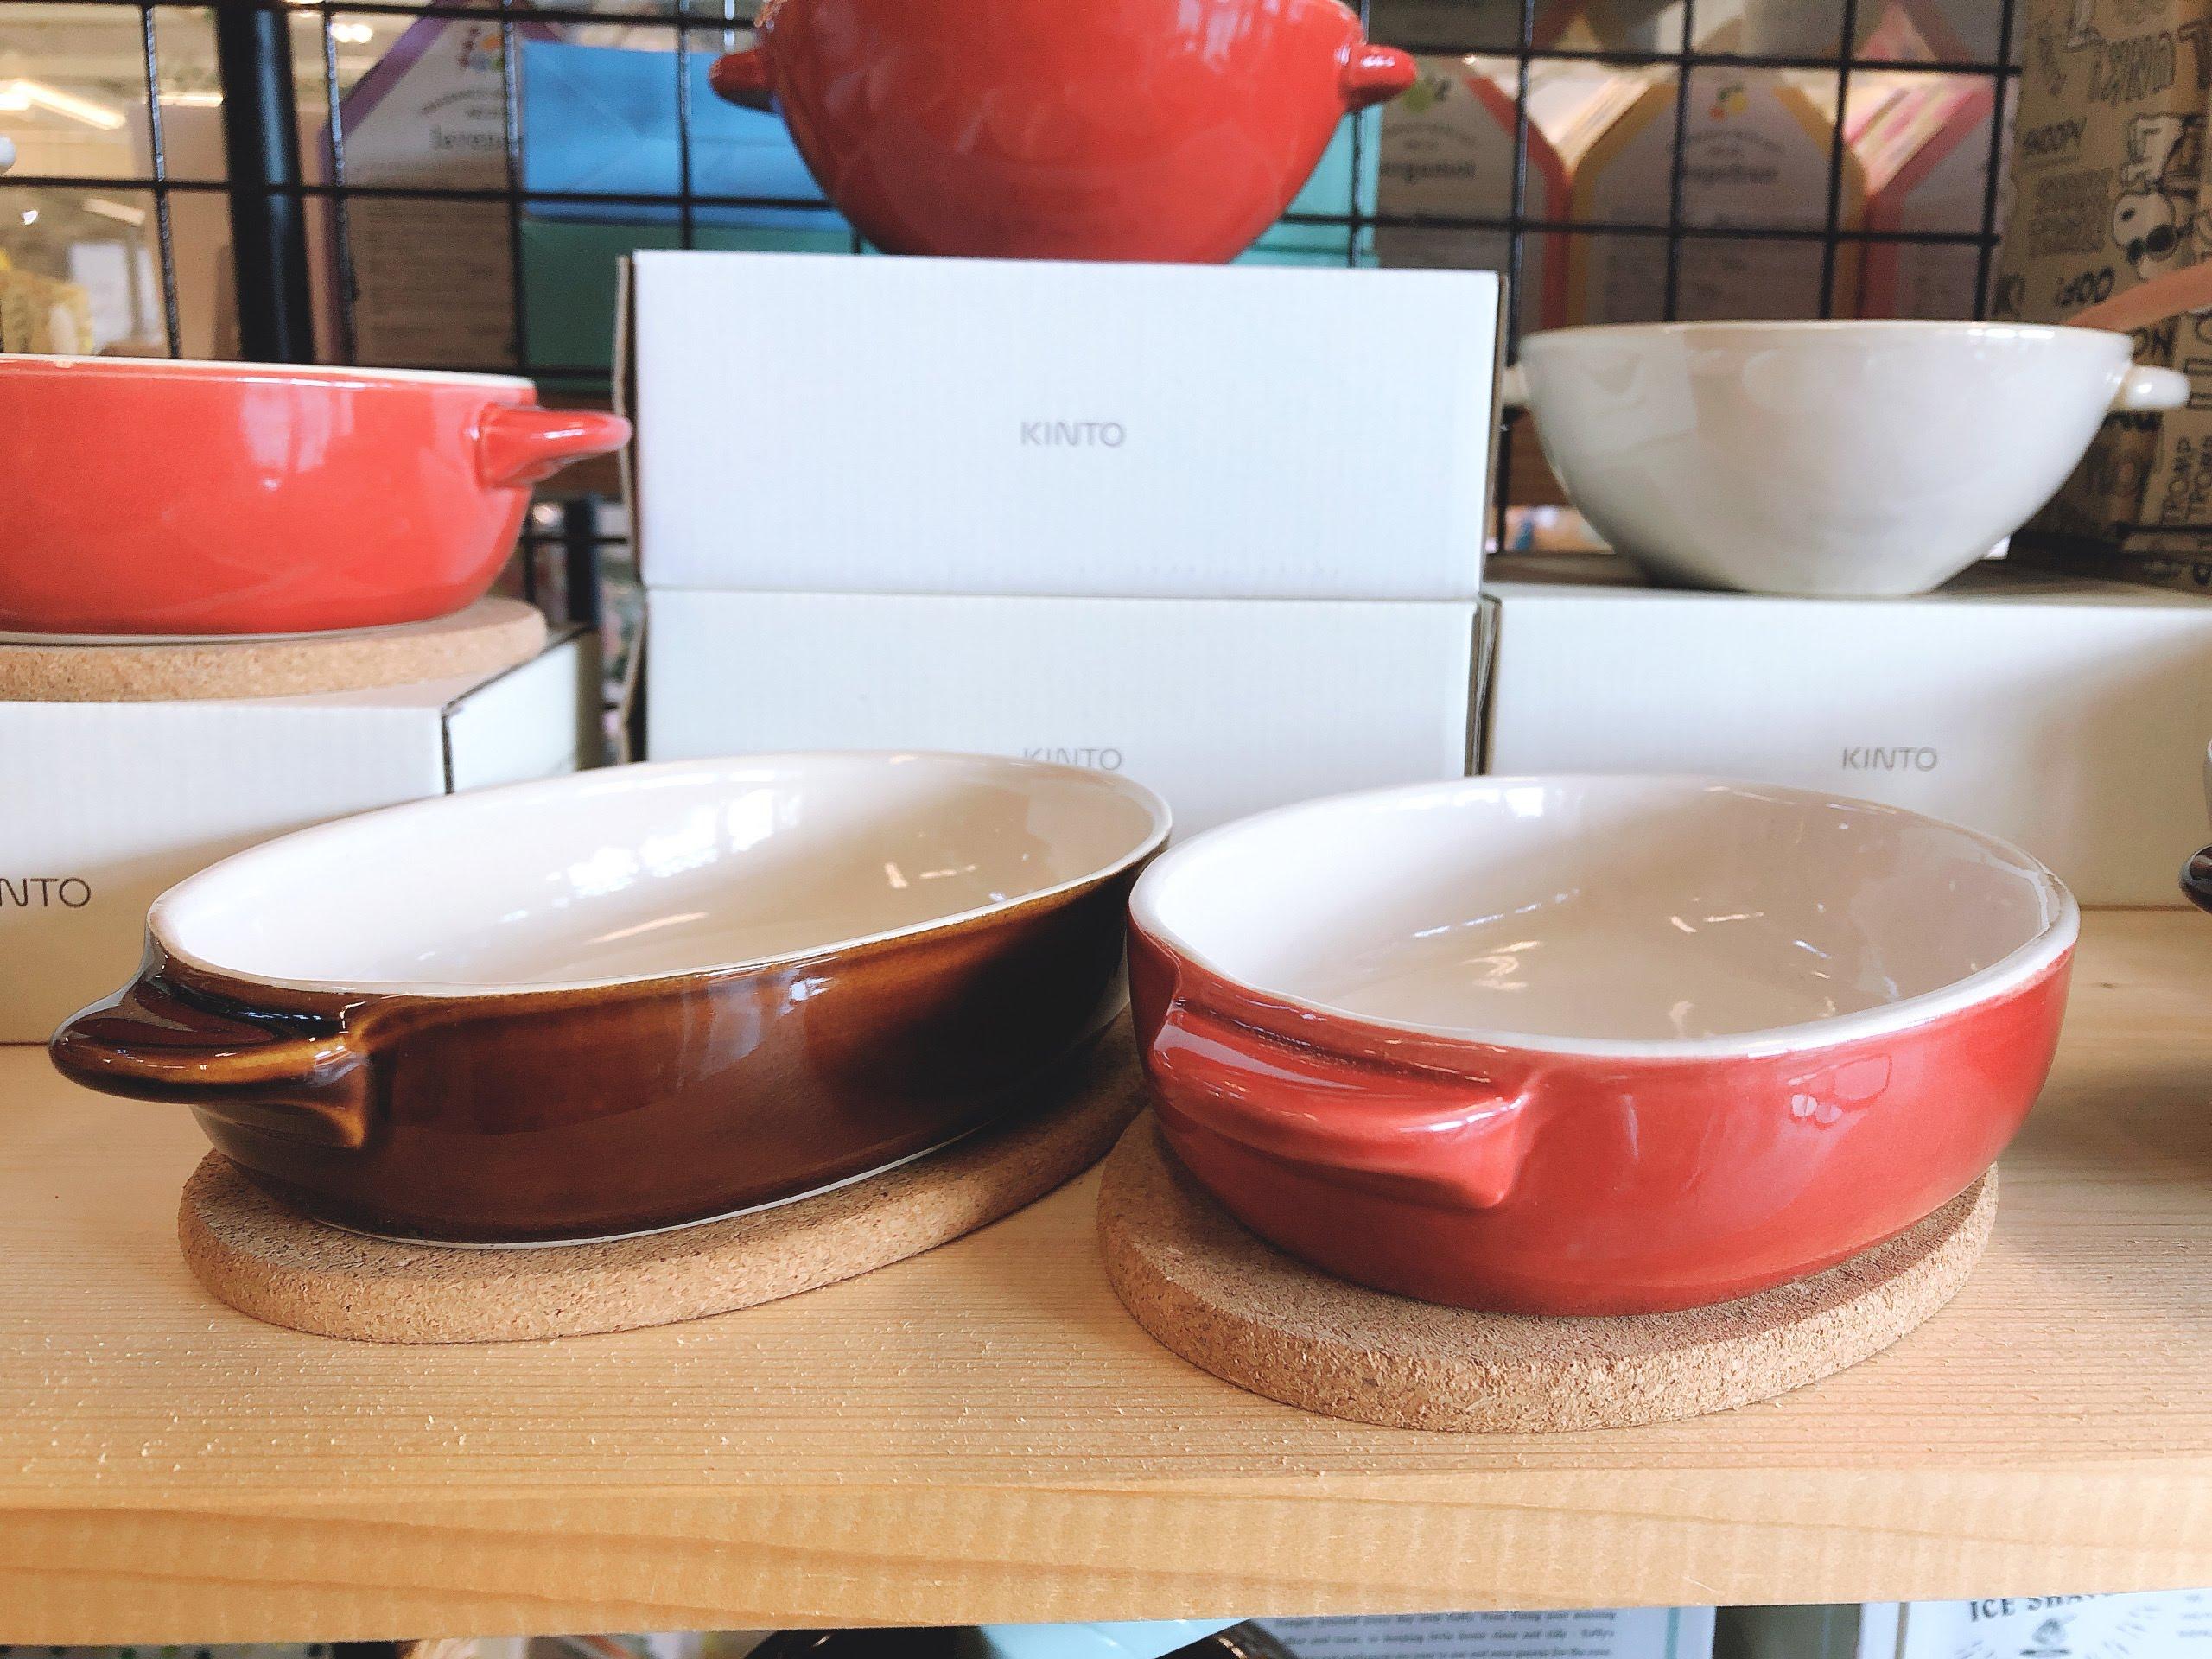 キント―  丸グラタン皿・オーバルグラタン皿・スープボウル 雑貨売り切り特価の画像5